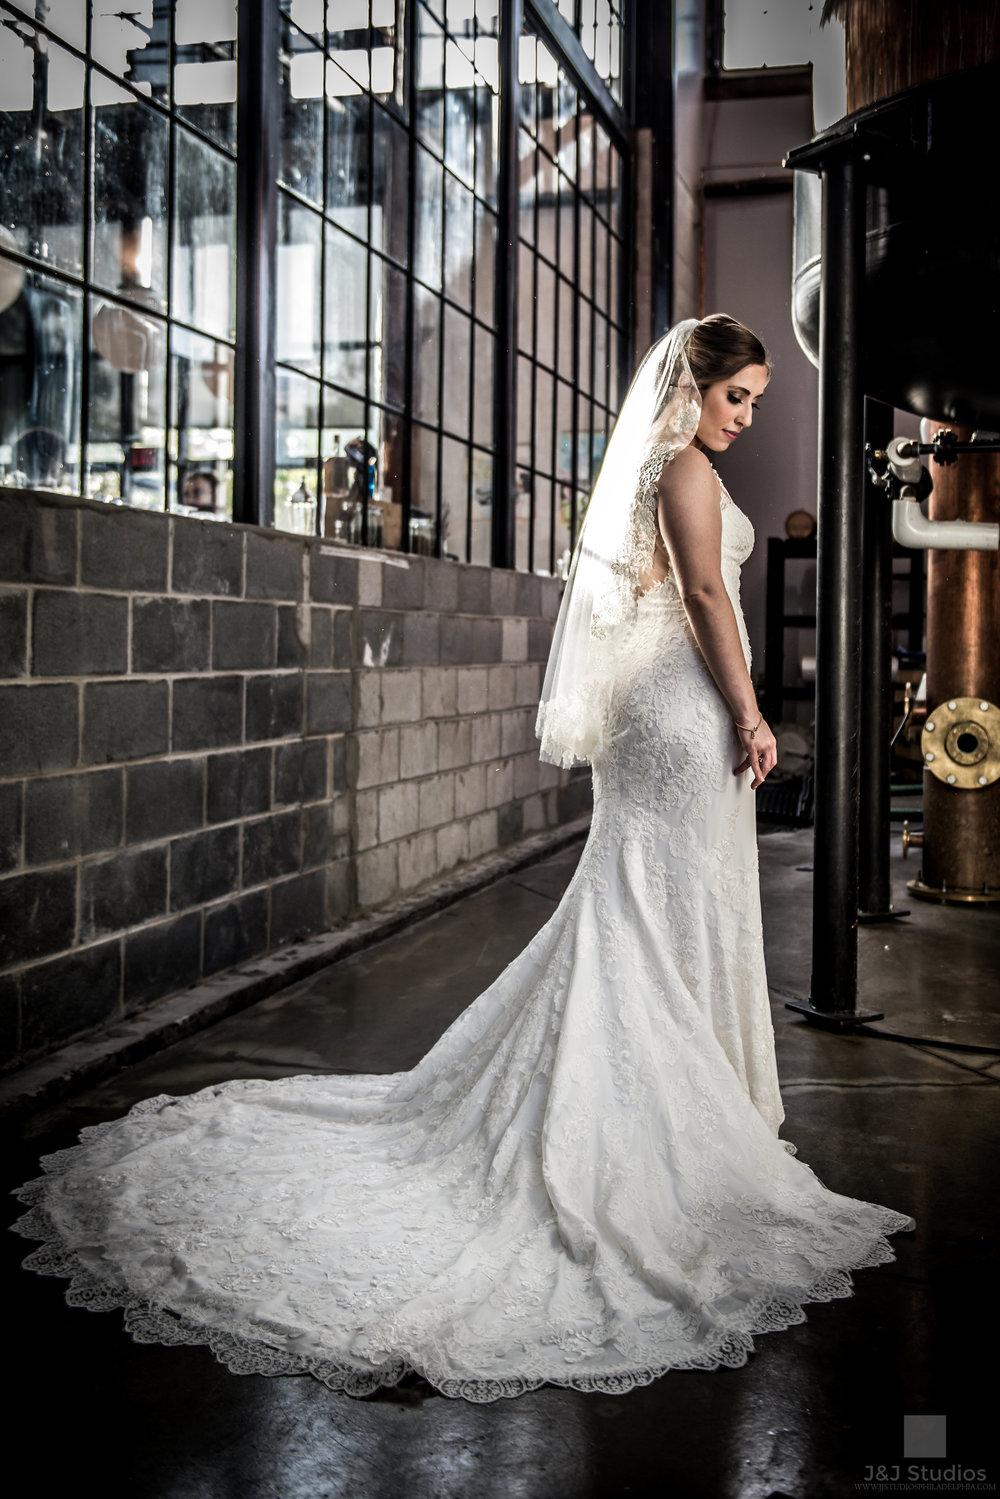 bride at philadelphia distilling